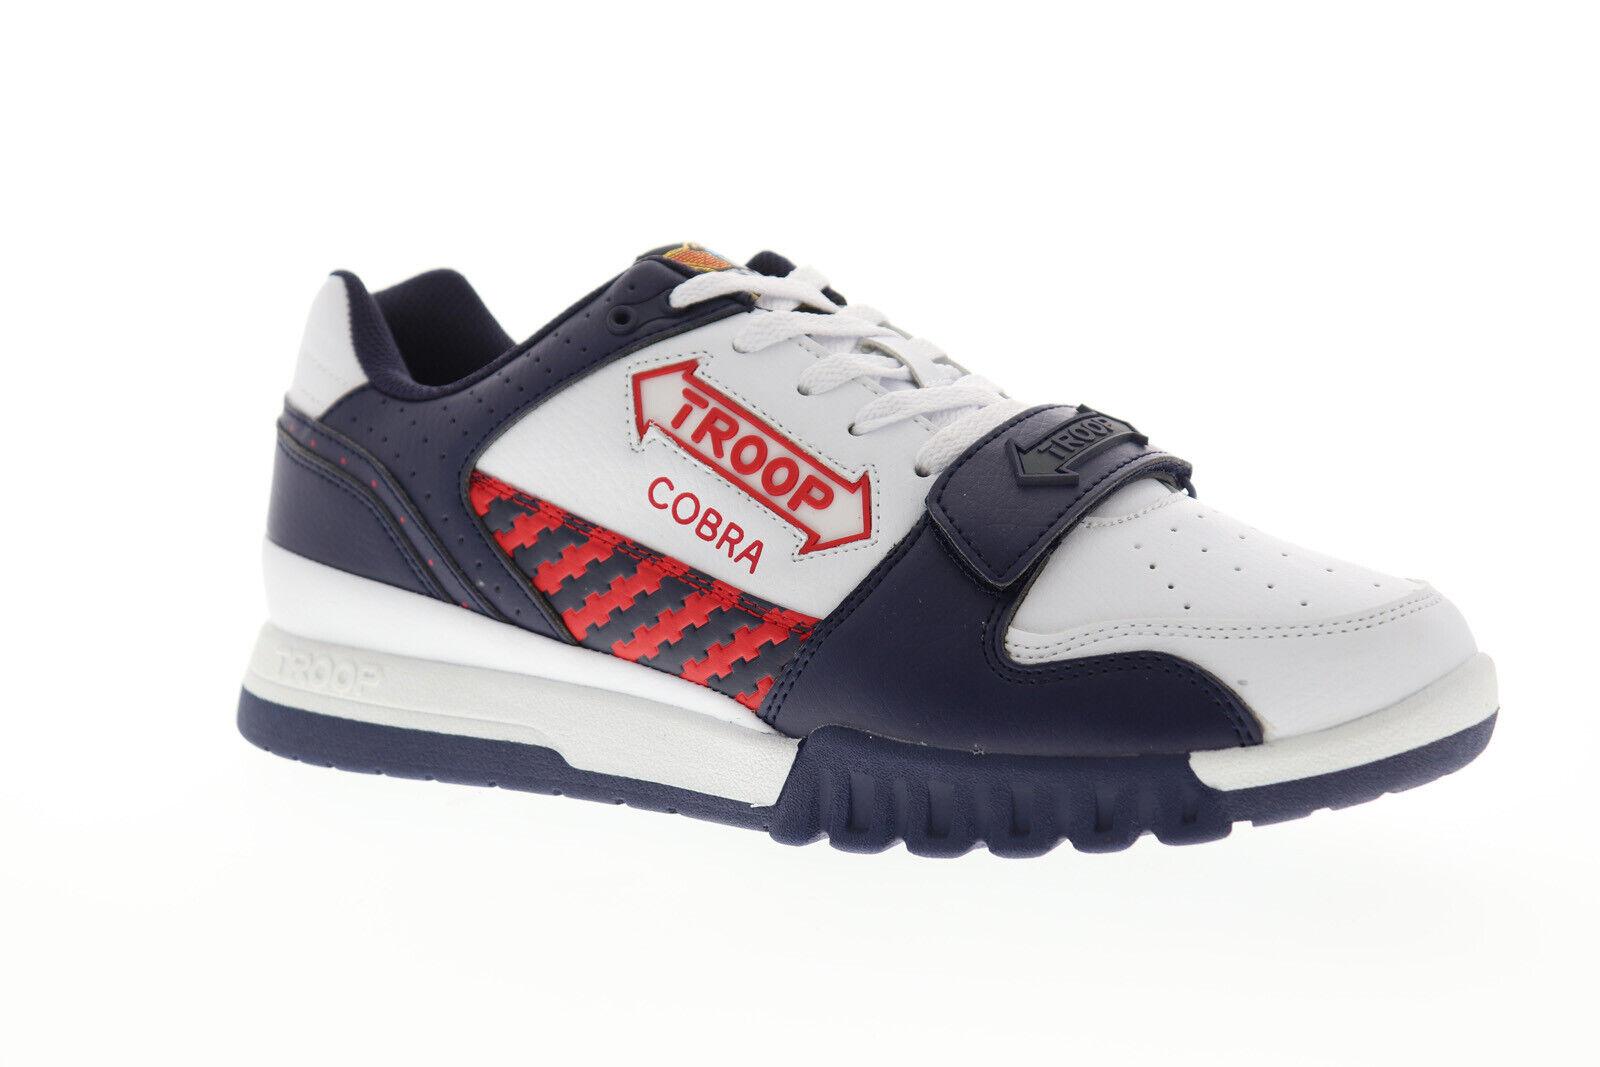 Mundo de tropa Cobra Para Hombre blancoo Sintético Low Top Tenis Deportivas Zapatos Con Cordones